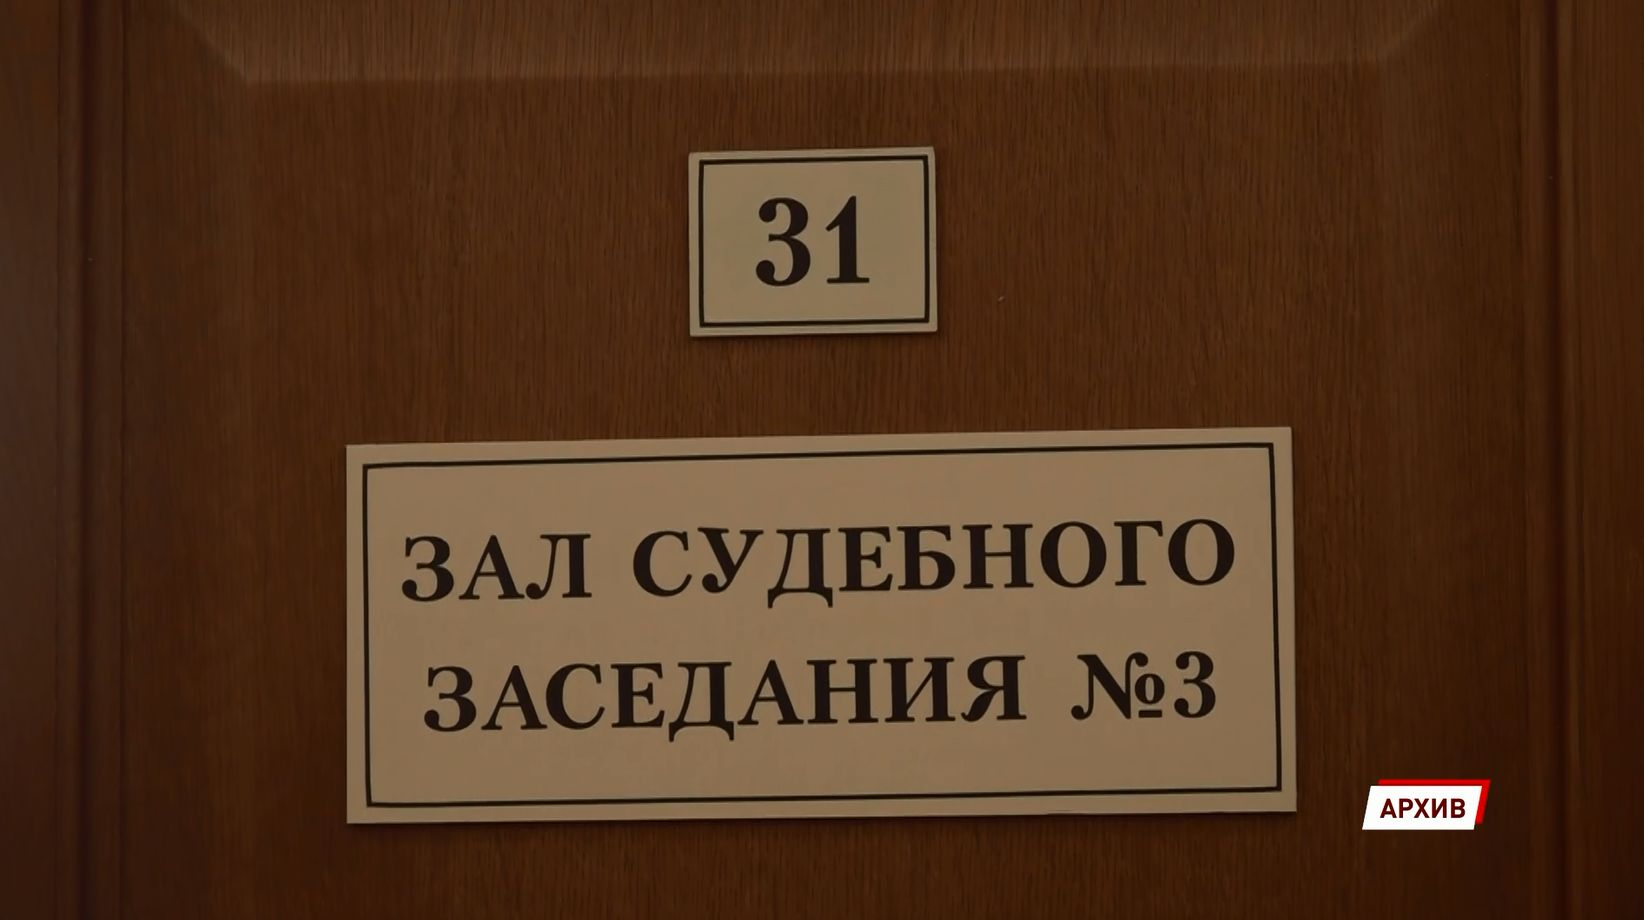 В Ярославской области получила продолжение история с громким коррупционным скандалом в региональном МЧС